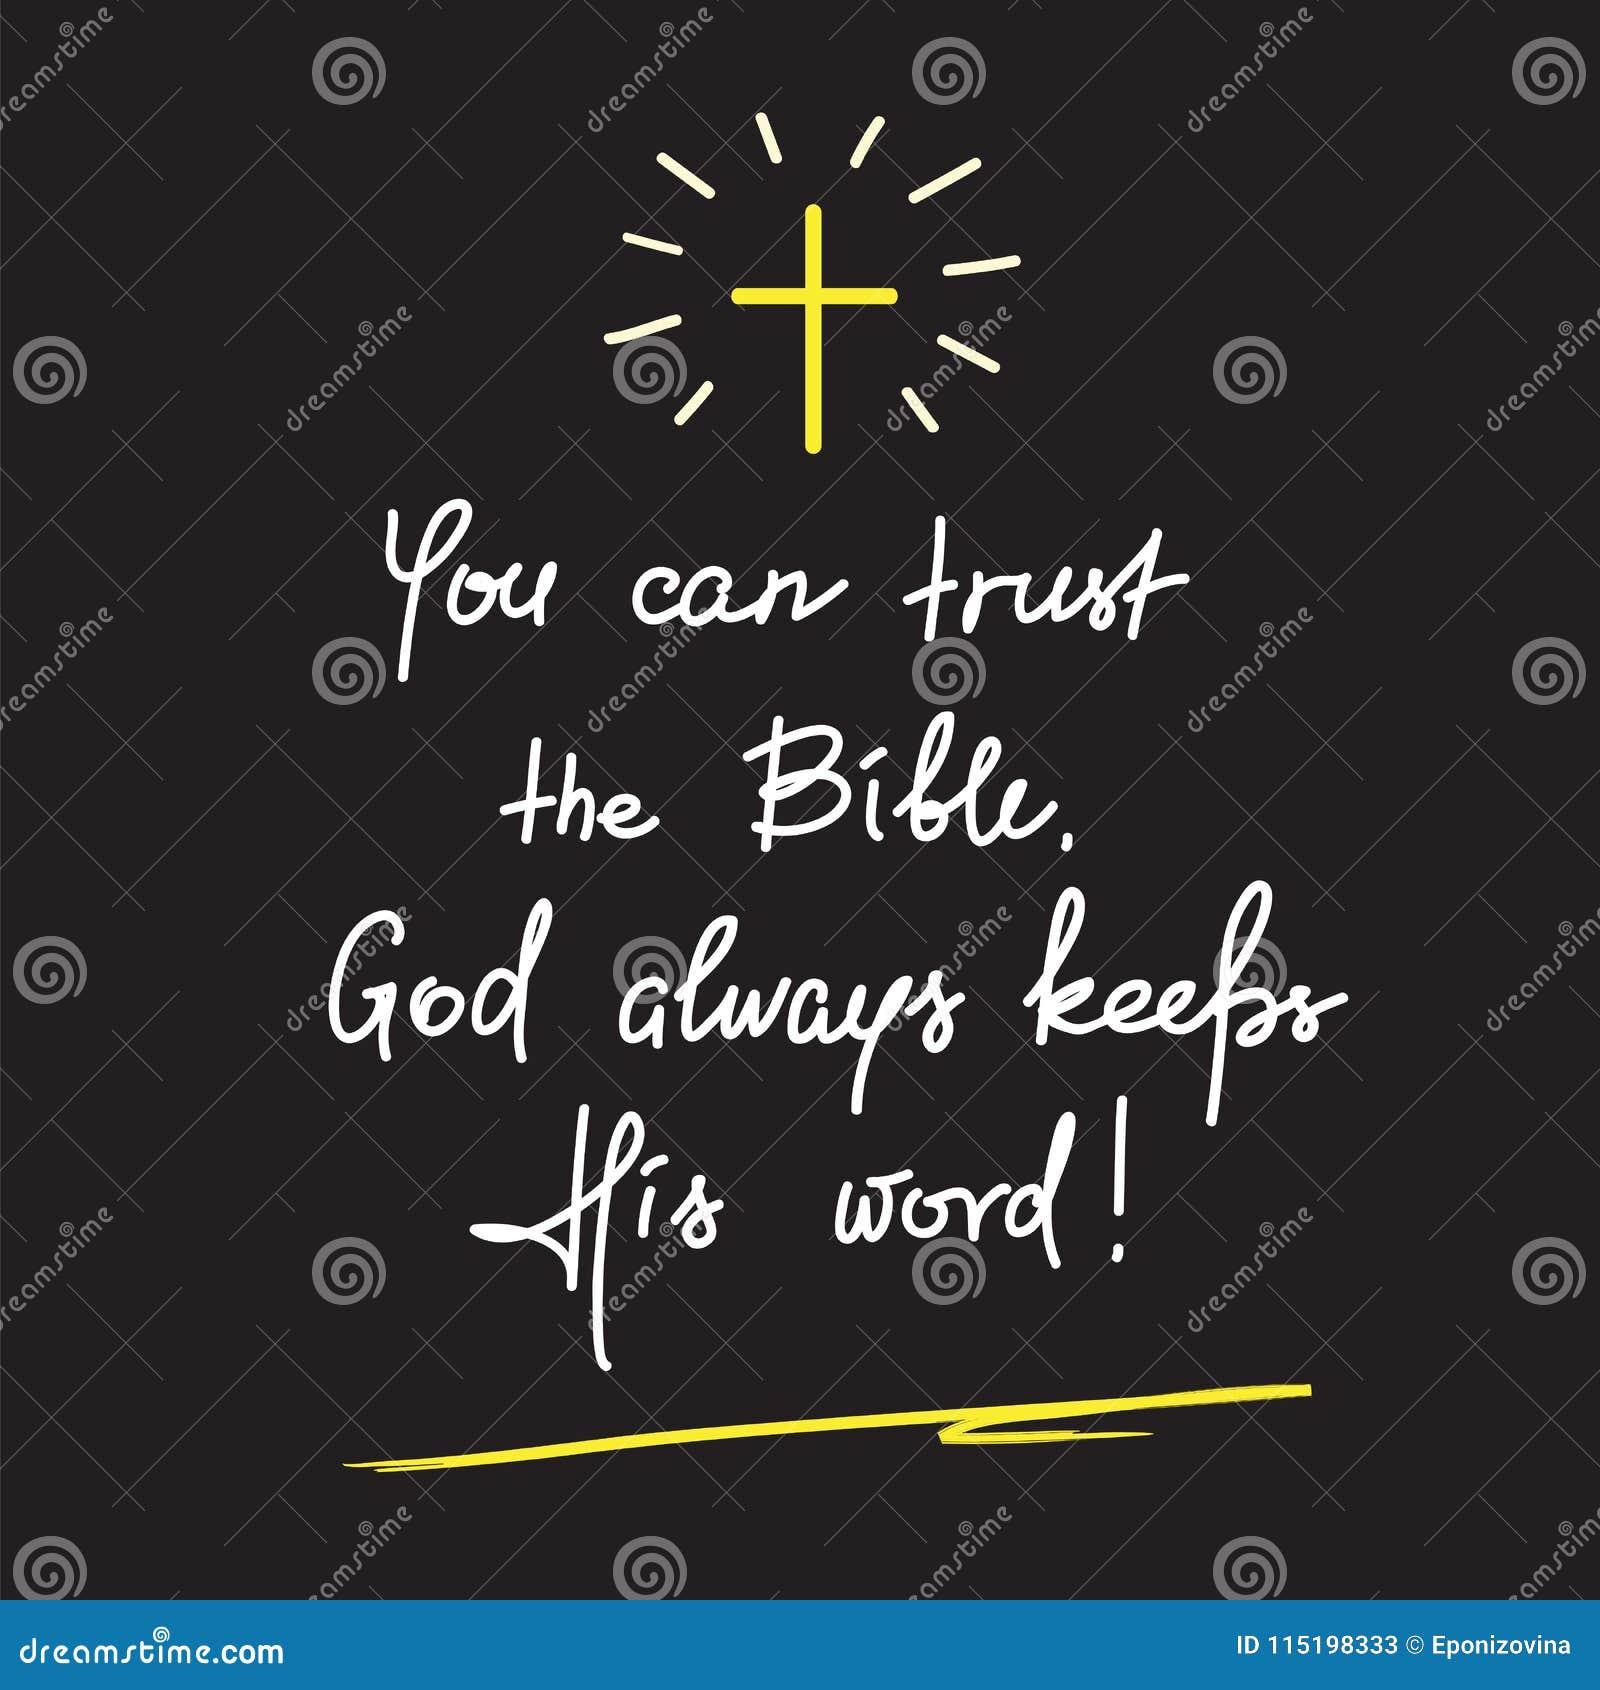 U kunt op de Bijbel vertrouwen, houdt de God altijd Zijn woord - het motievencitaat van letters voorzien, godsdienstige affiche